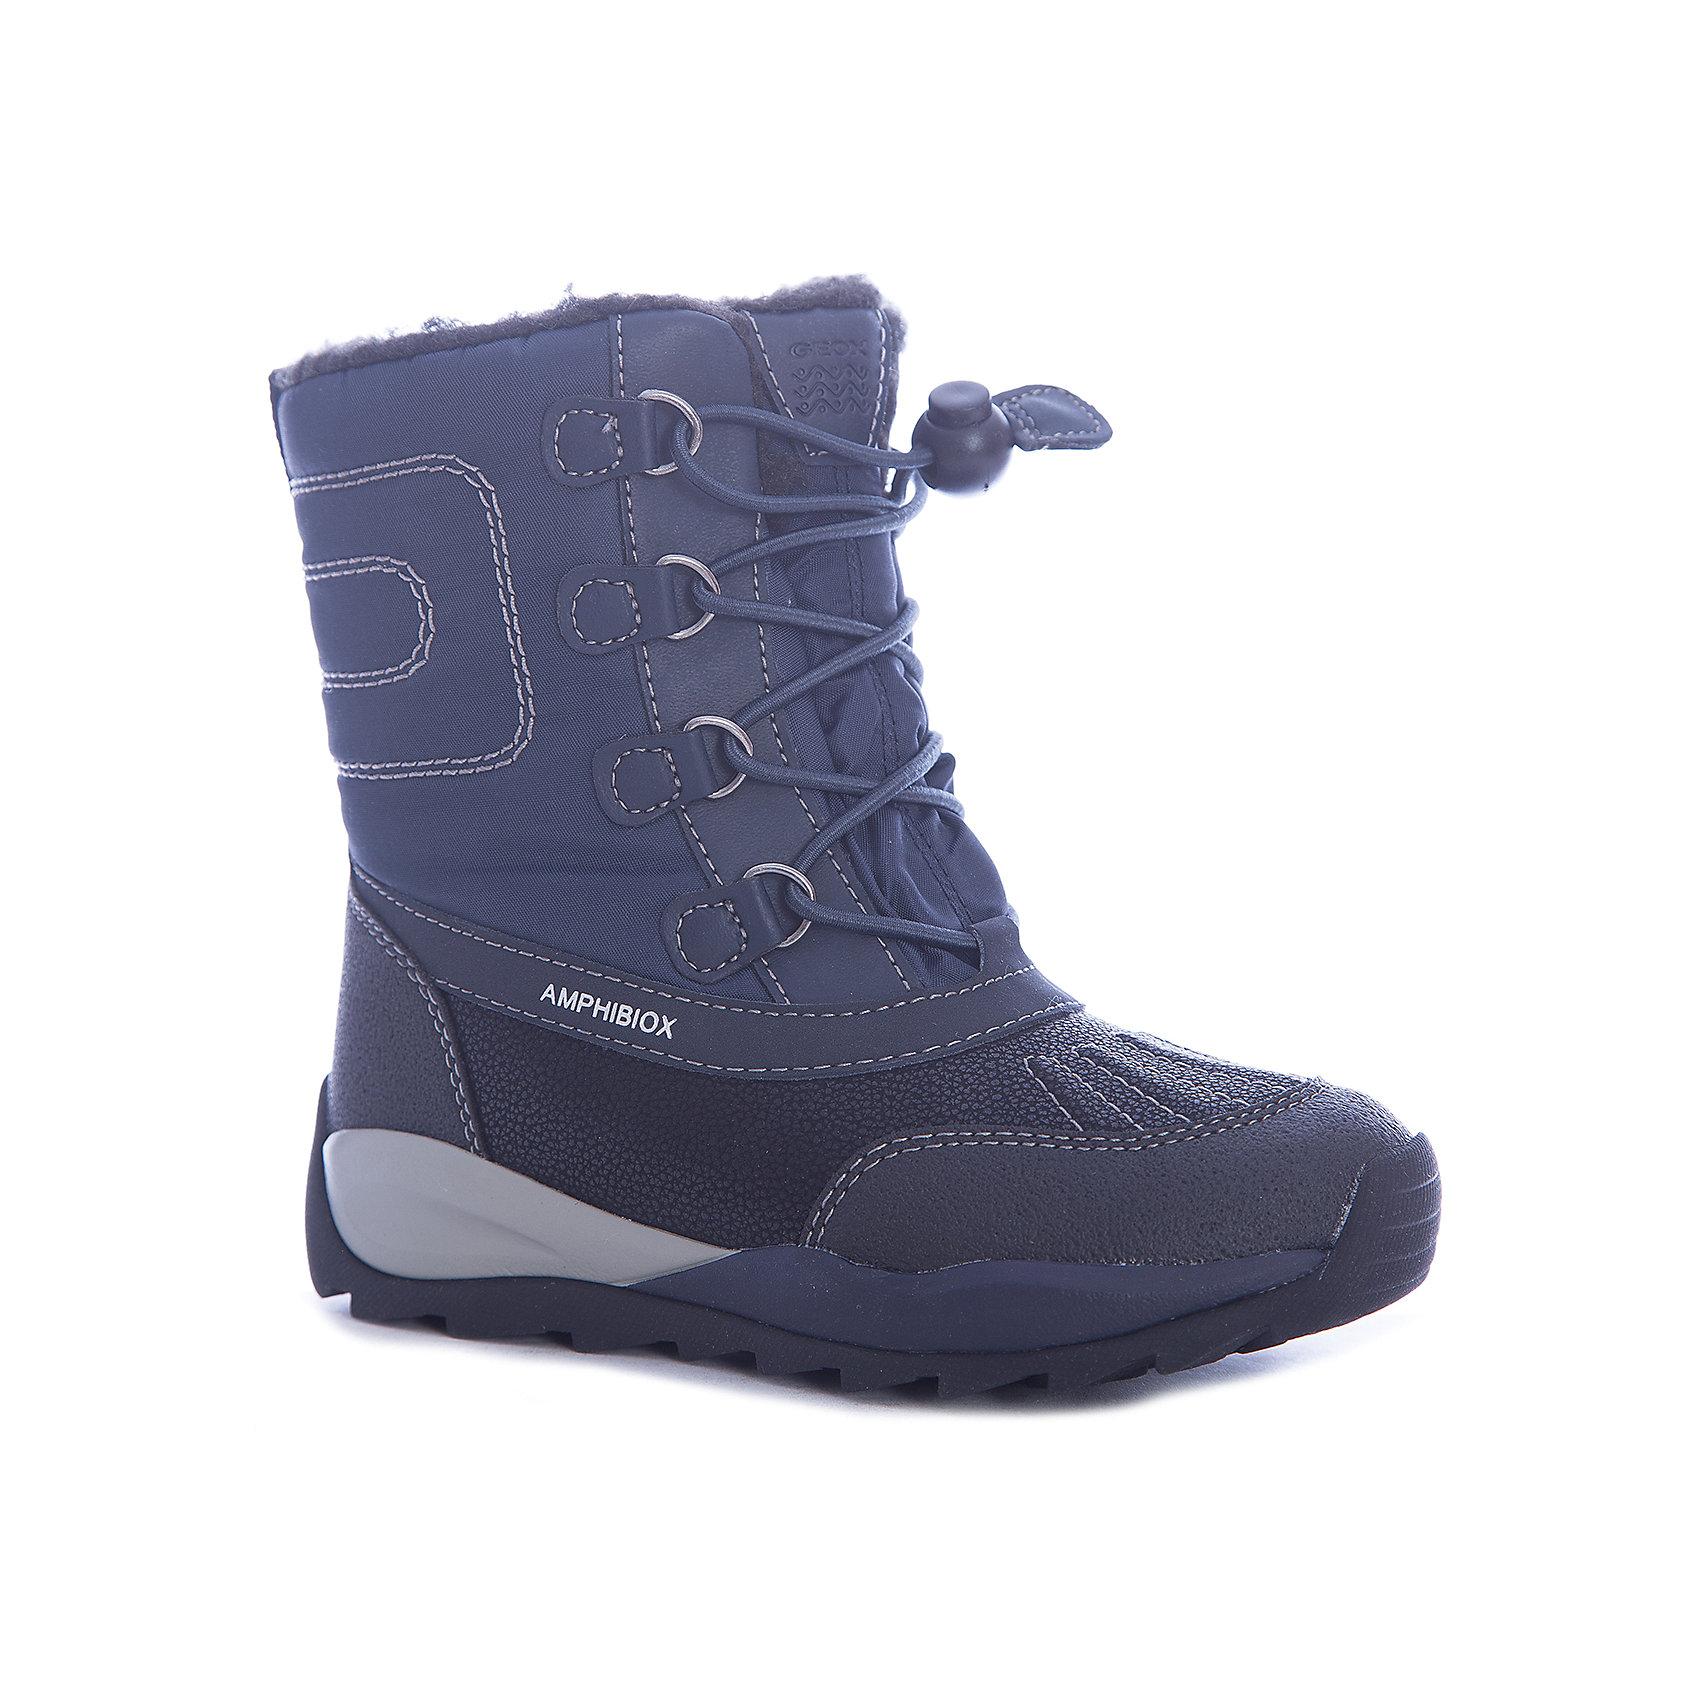 Полусапоги  GEOXПолусапоги GEOX (ГЕОКС)<br>Полусапоги от GEOX (ГЕОКС), выполненные из искусственной кожи и прочного текстиля, идеально подходят для холодной погоды. Плотная мягкая подкладка из искусственного меха согревает чувствительные детские ноги. Текстильная стелька улучшает тепловое сопротивление в холодных условиях, повышая температуру внутри обуви. Влага не застаивается в обуви, благодаря чему создается идеальный микроклимат, который держит ноги теплыми и сухими, и позволяет им дышать естественно. Колодка соответствует анатомическим особенностям строения детской стопы. Качественная амортизация снижает нагрузку на суставы. Запатентованная гибкая перфорированная подошва со специальной микропористой мембраной обеспечивает естественное дыхание обуви, не пропускает воду, не скользит. Модель имеет усиленный мыс и функциональную шнуровку.<br><br>Дополнительная информация:<br><br>- Сезон: зима<br>- Цвет: черный, синий<br>- Материал верха: искусственная кожа, текстиль<br>- Внутренний материал: искусственный мех<br>- Материал стельки: текстиль<br>- Материал подошвы: резина<br>- Тип застежки: шнуровка<br>- Высота голенища/задника: 13,5 см.<br>- Технология Amphibiox<br>- Материалы и продукция прошли специальную проверку T?V S?D, на отсутствие веществ, опасных для здоровья покупателей<br><br>Полусапоги GEOX (ГЕОКС) можно купить в нашем интернет-магазине.<br><br>Ширина мм: 257<br>Глубина мм: 180<br>Высота мм: 130<br>Вес г: 420<br>Цвет: черный<br>Возраст от месяцев: 36<br>Возраст до месяцев: 48<br>Пол: Мужской<br>Возраст: Детский<br>Размер: 27,34,28,29,30,31,32,33<br>SKU: 4968259